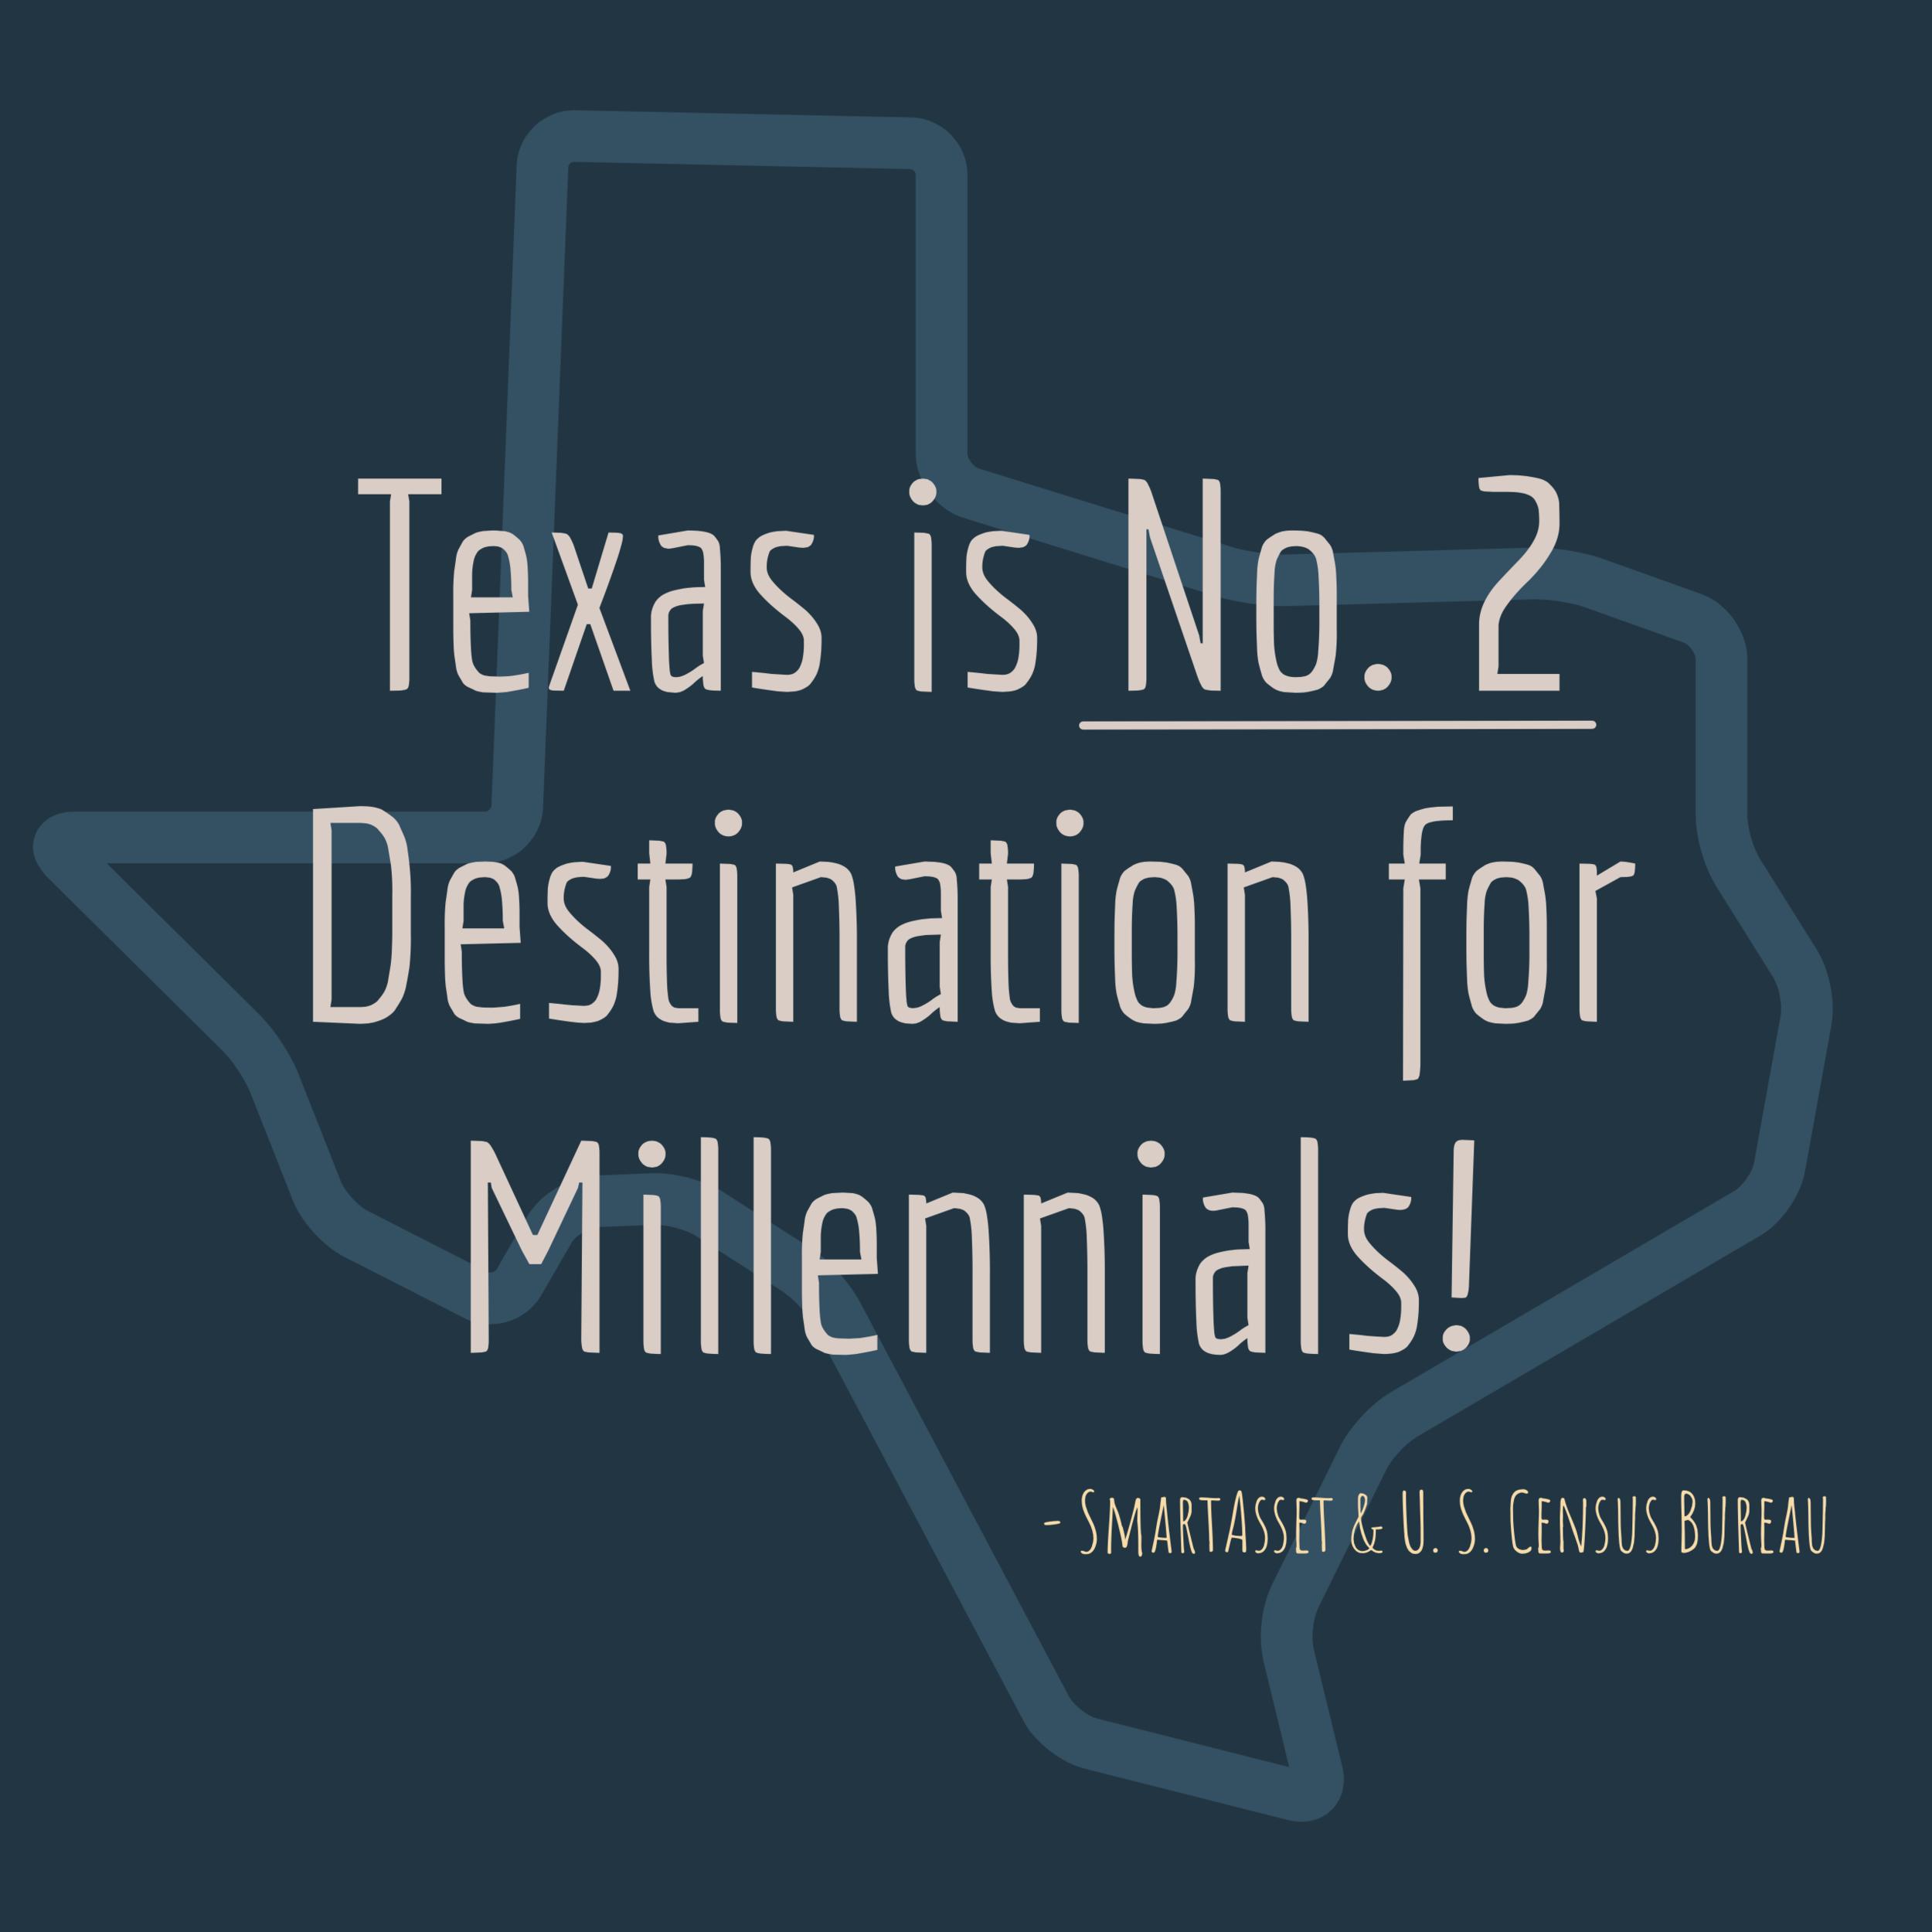 millennials love Texas